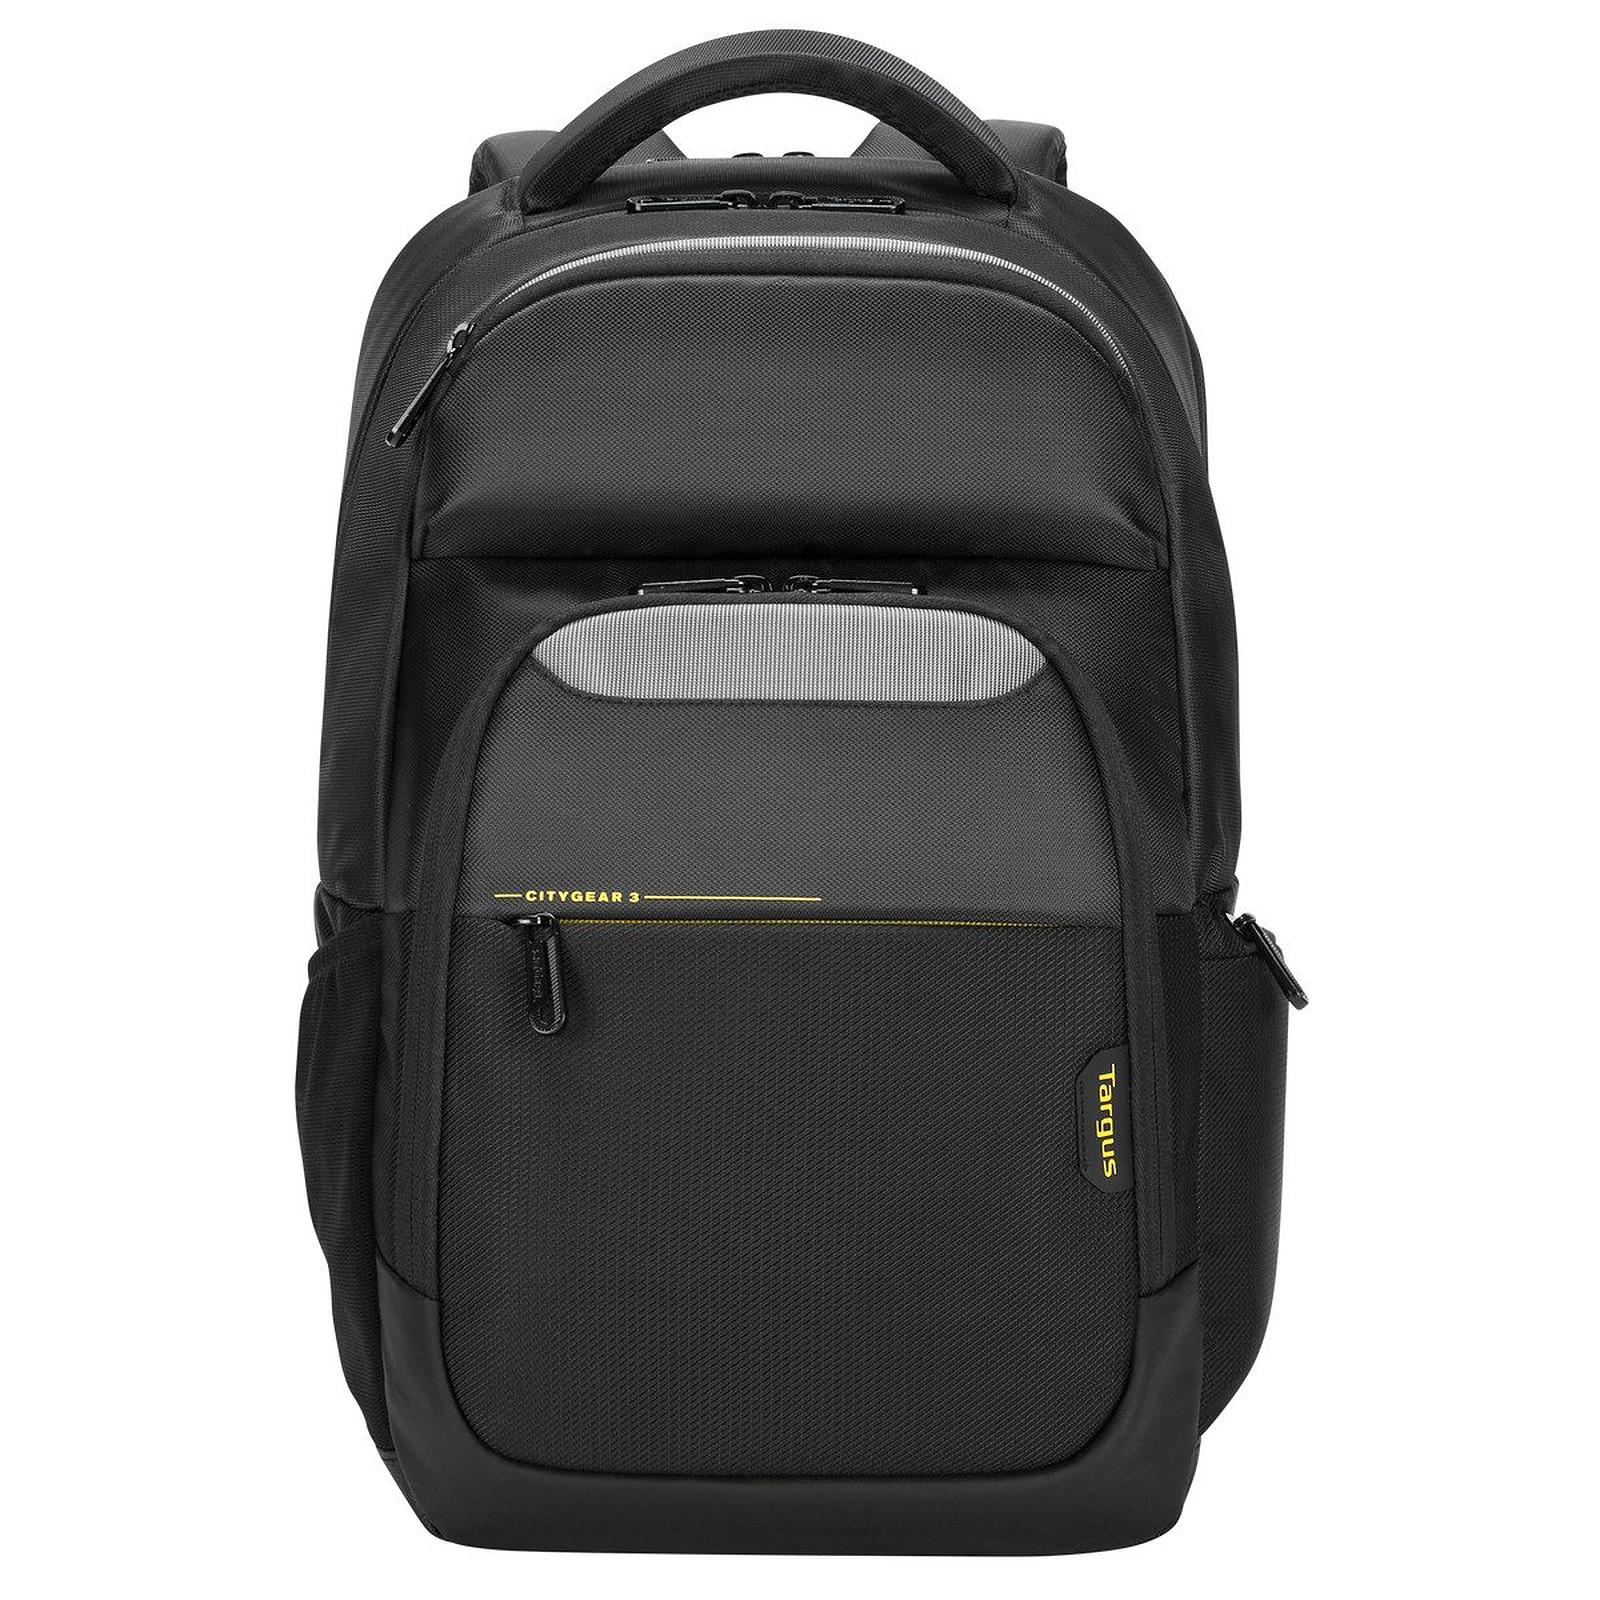 """Targus CityGear 3 Backpack 14"""" Noir"""